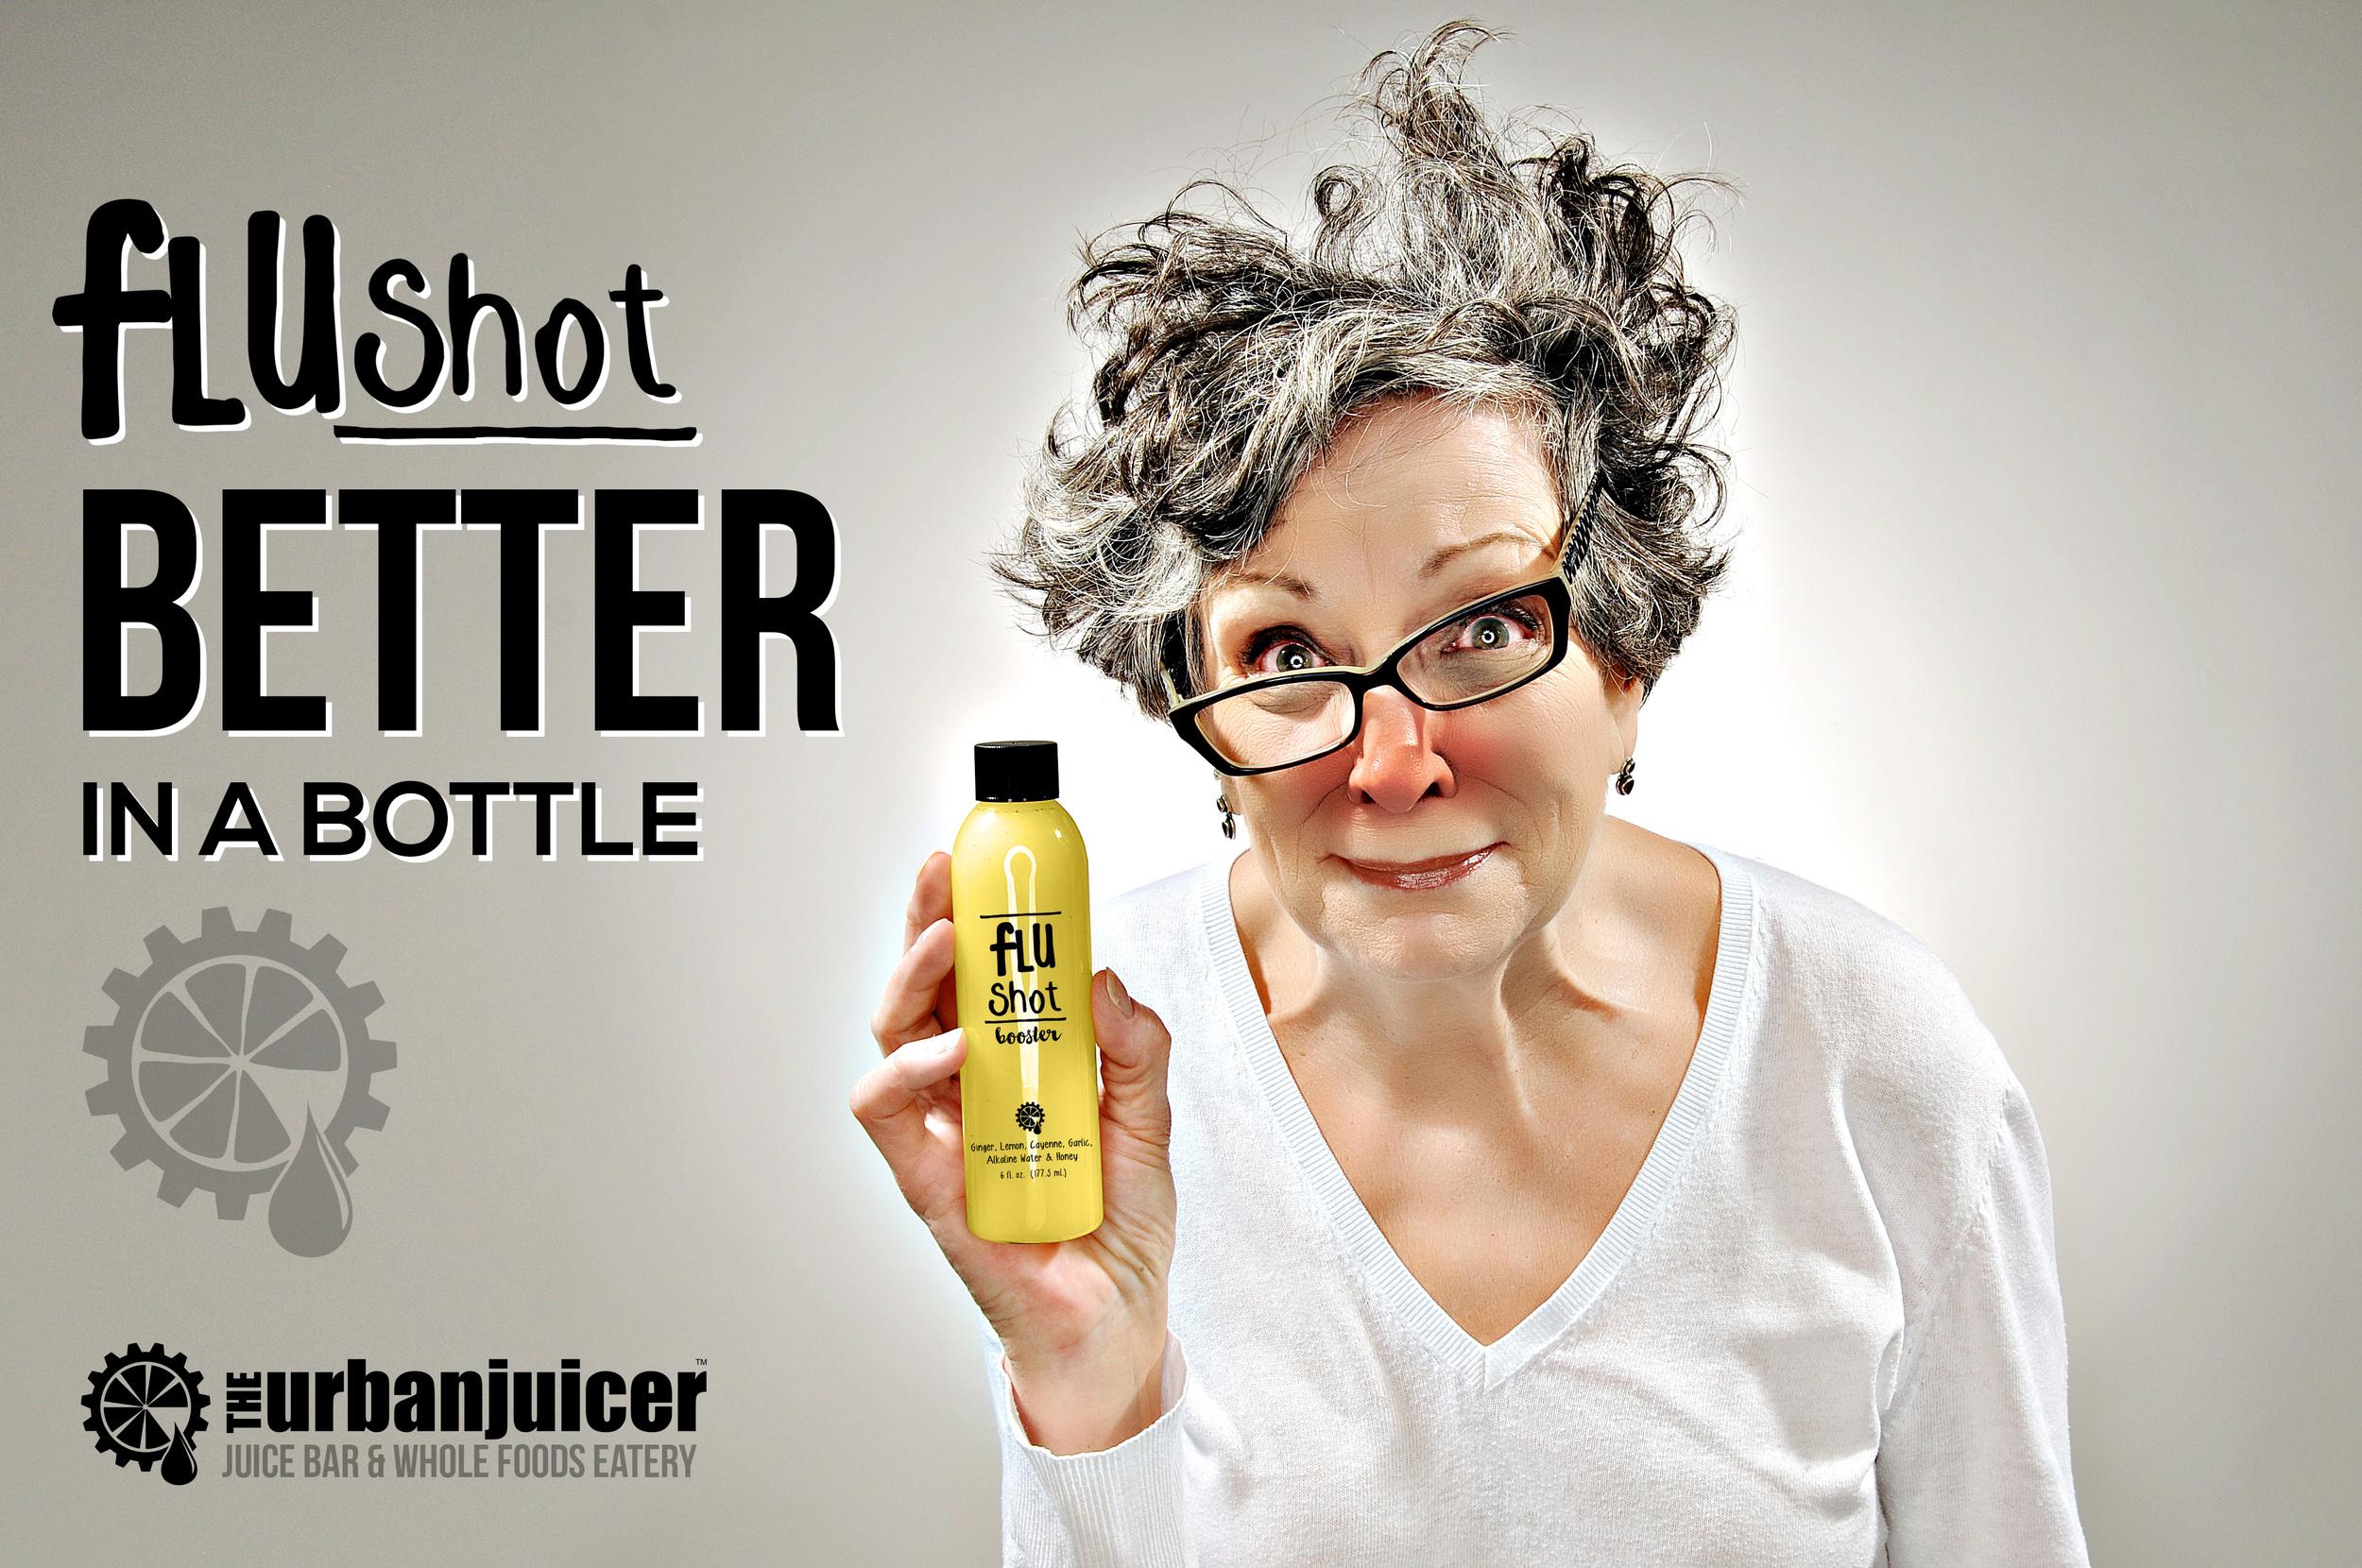 Peg-Flu-Shot-White-BG.jpg